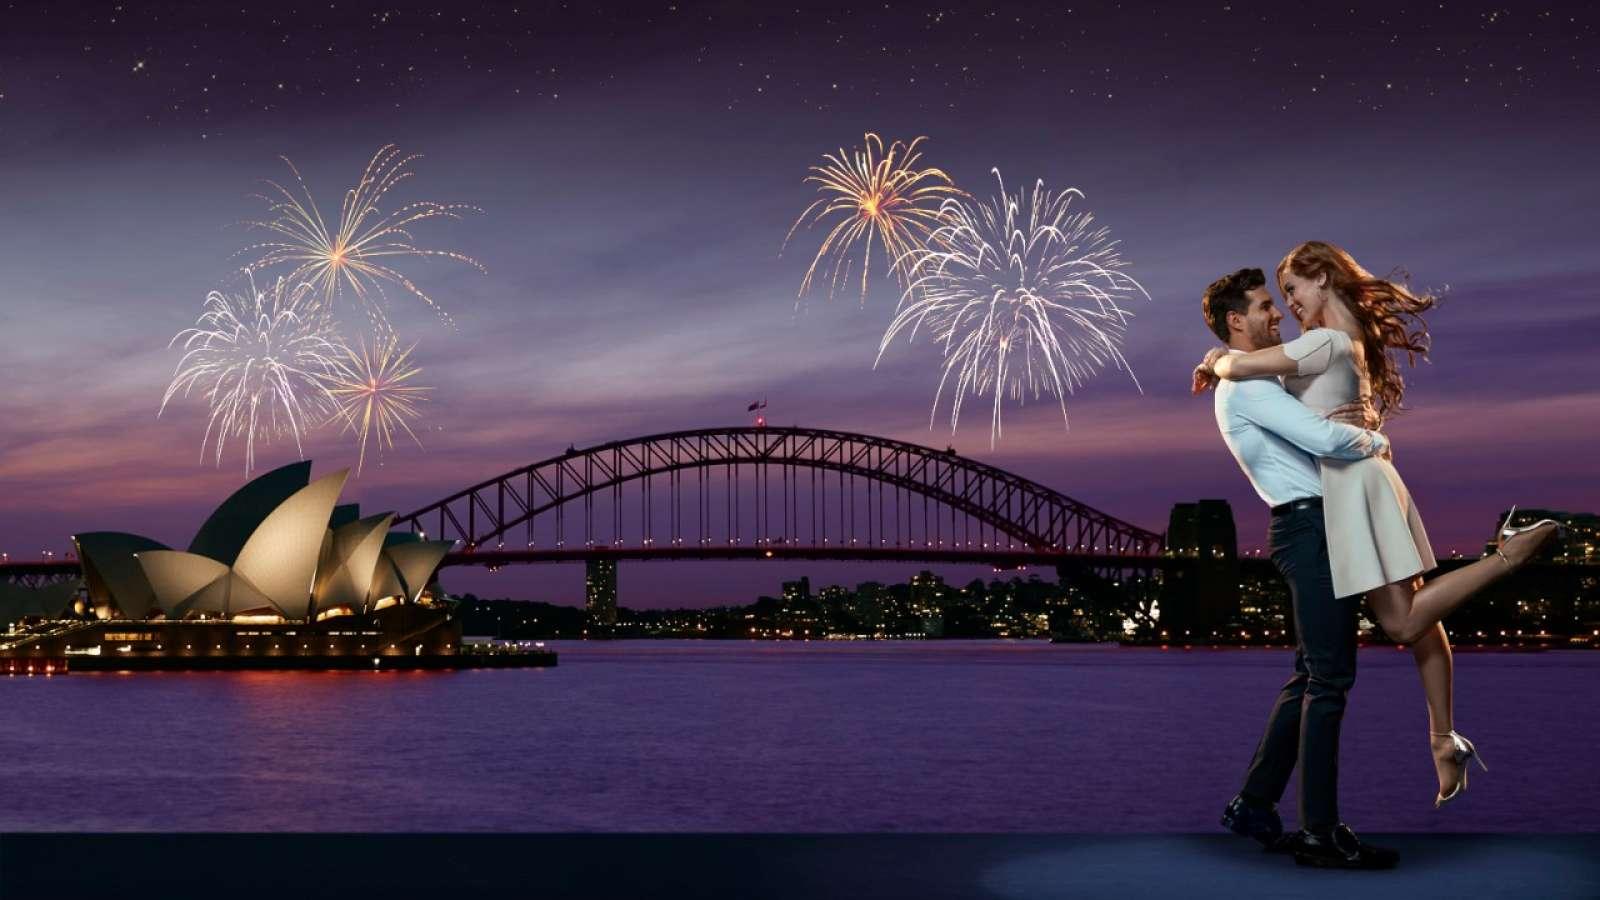 hosh boheme 1600x900 v2.jpg.image .1600.900.high  - Những sự kiện MIỄN PHÍ bạn có thể đến ở Sydney vào tháng 4 này